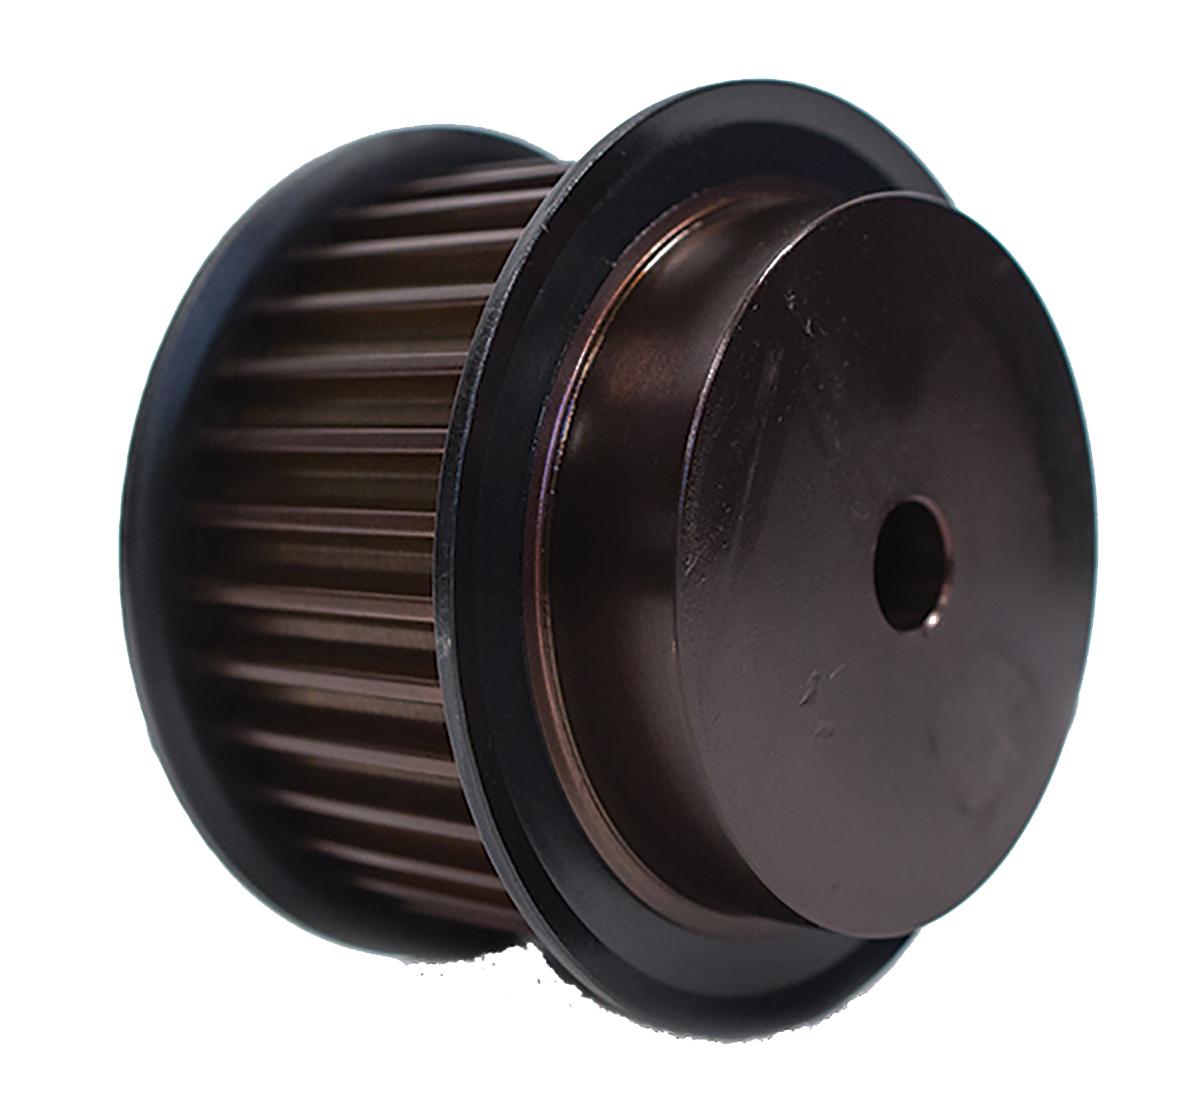 32-8MX36-6FS6 - Cast Iron Powerhouse® MX Pulleys